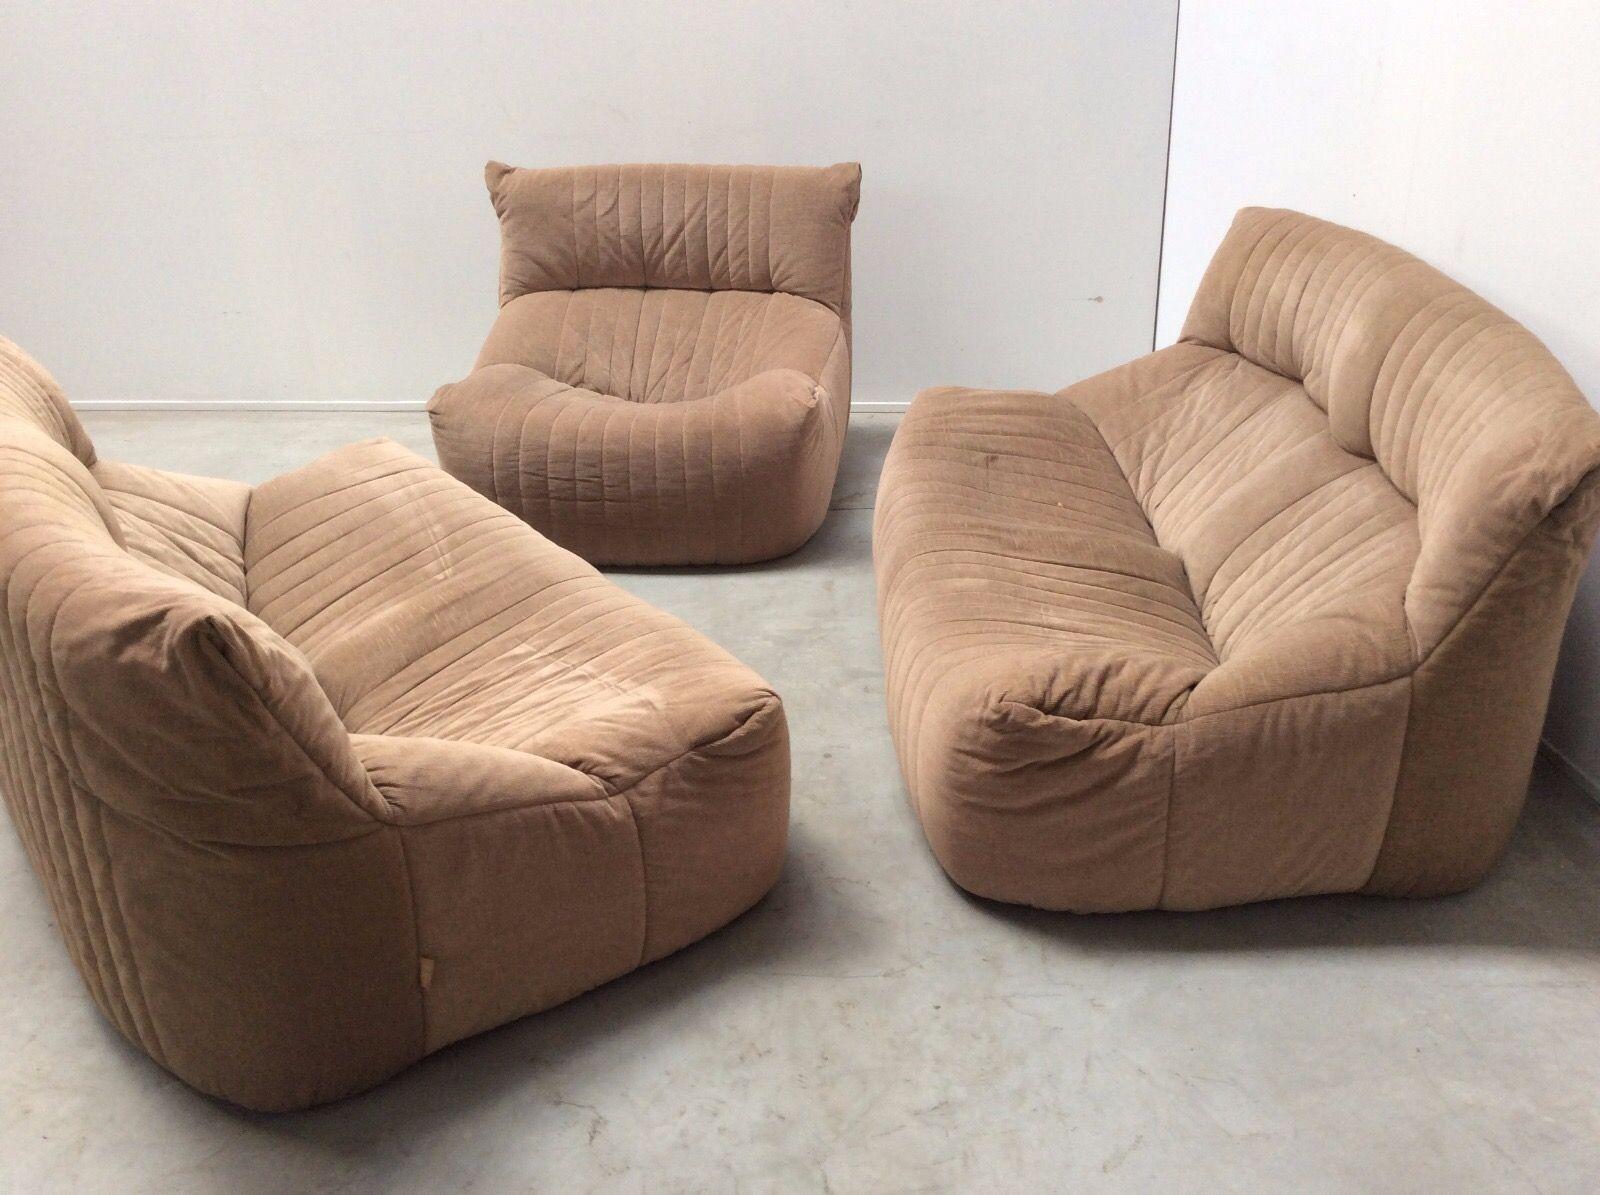 Vintage aralia wohnzimmer set mit 2 sofas 1 sessel von for Wohnzimmer sessel vintage